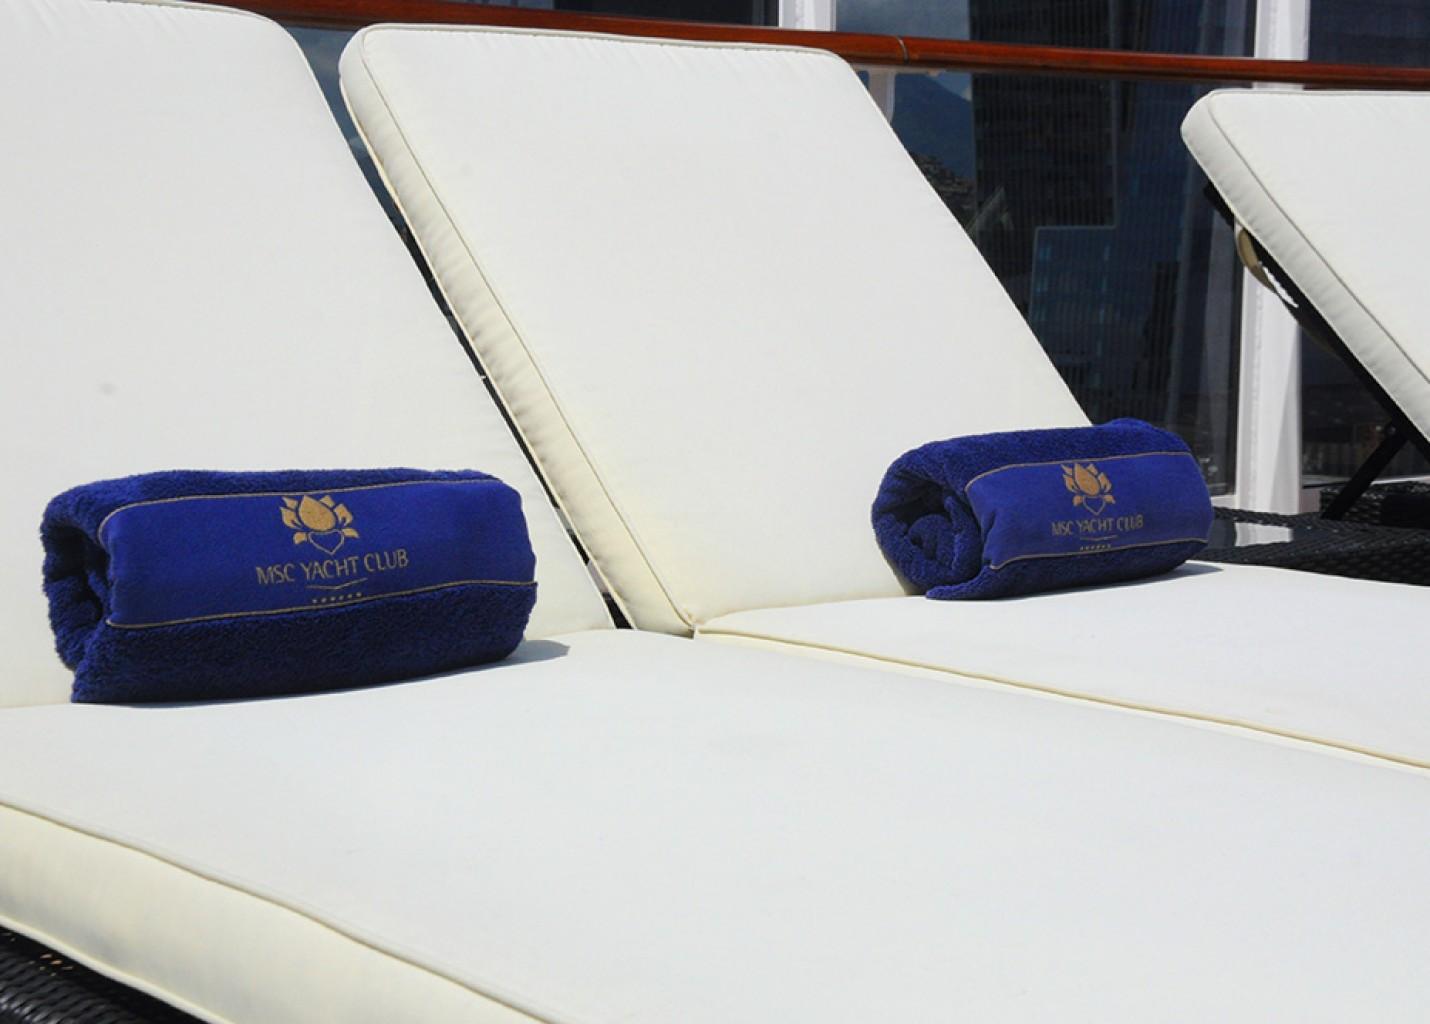 M&E relembra a viagem de luxo a bordo do Yacht Club do MSC Fantasia